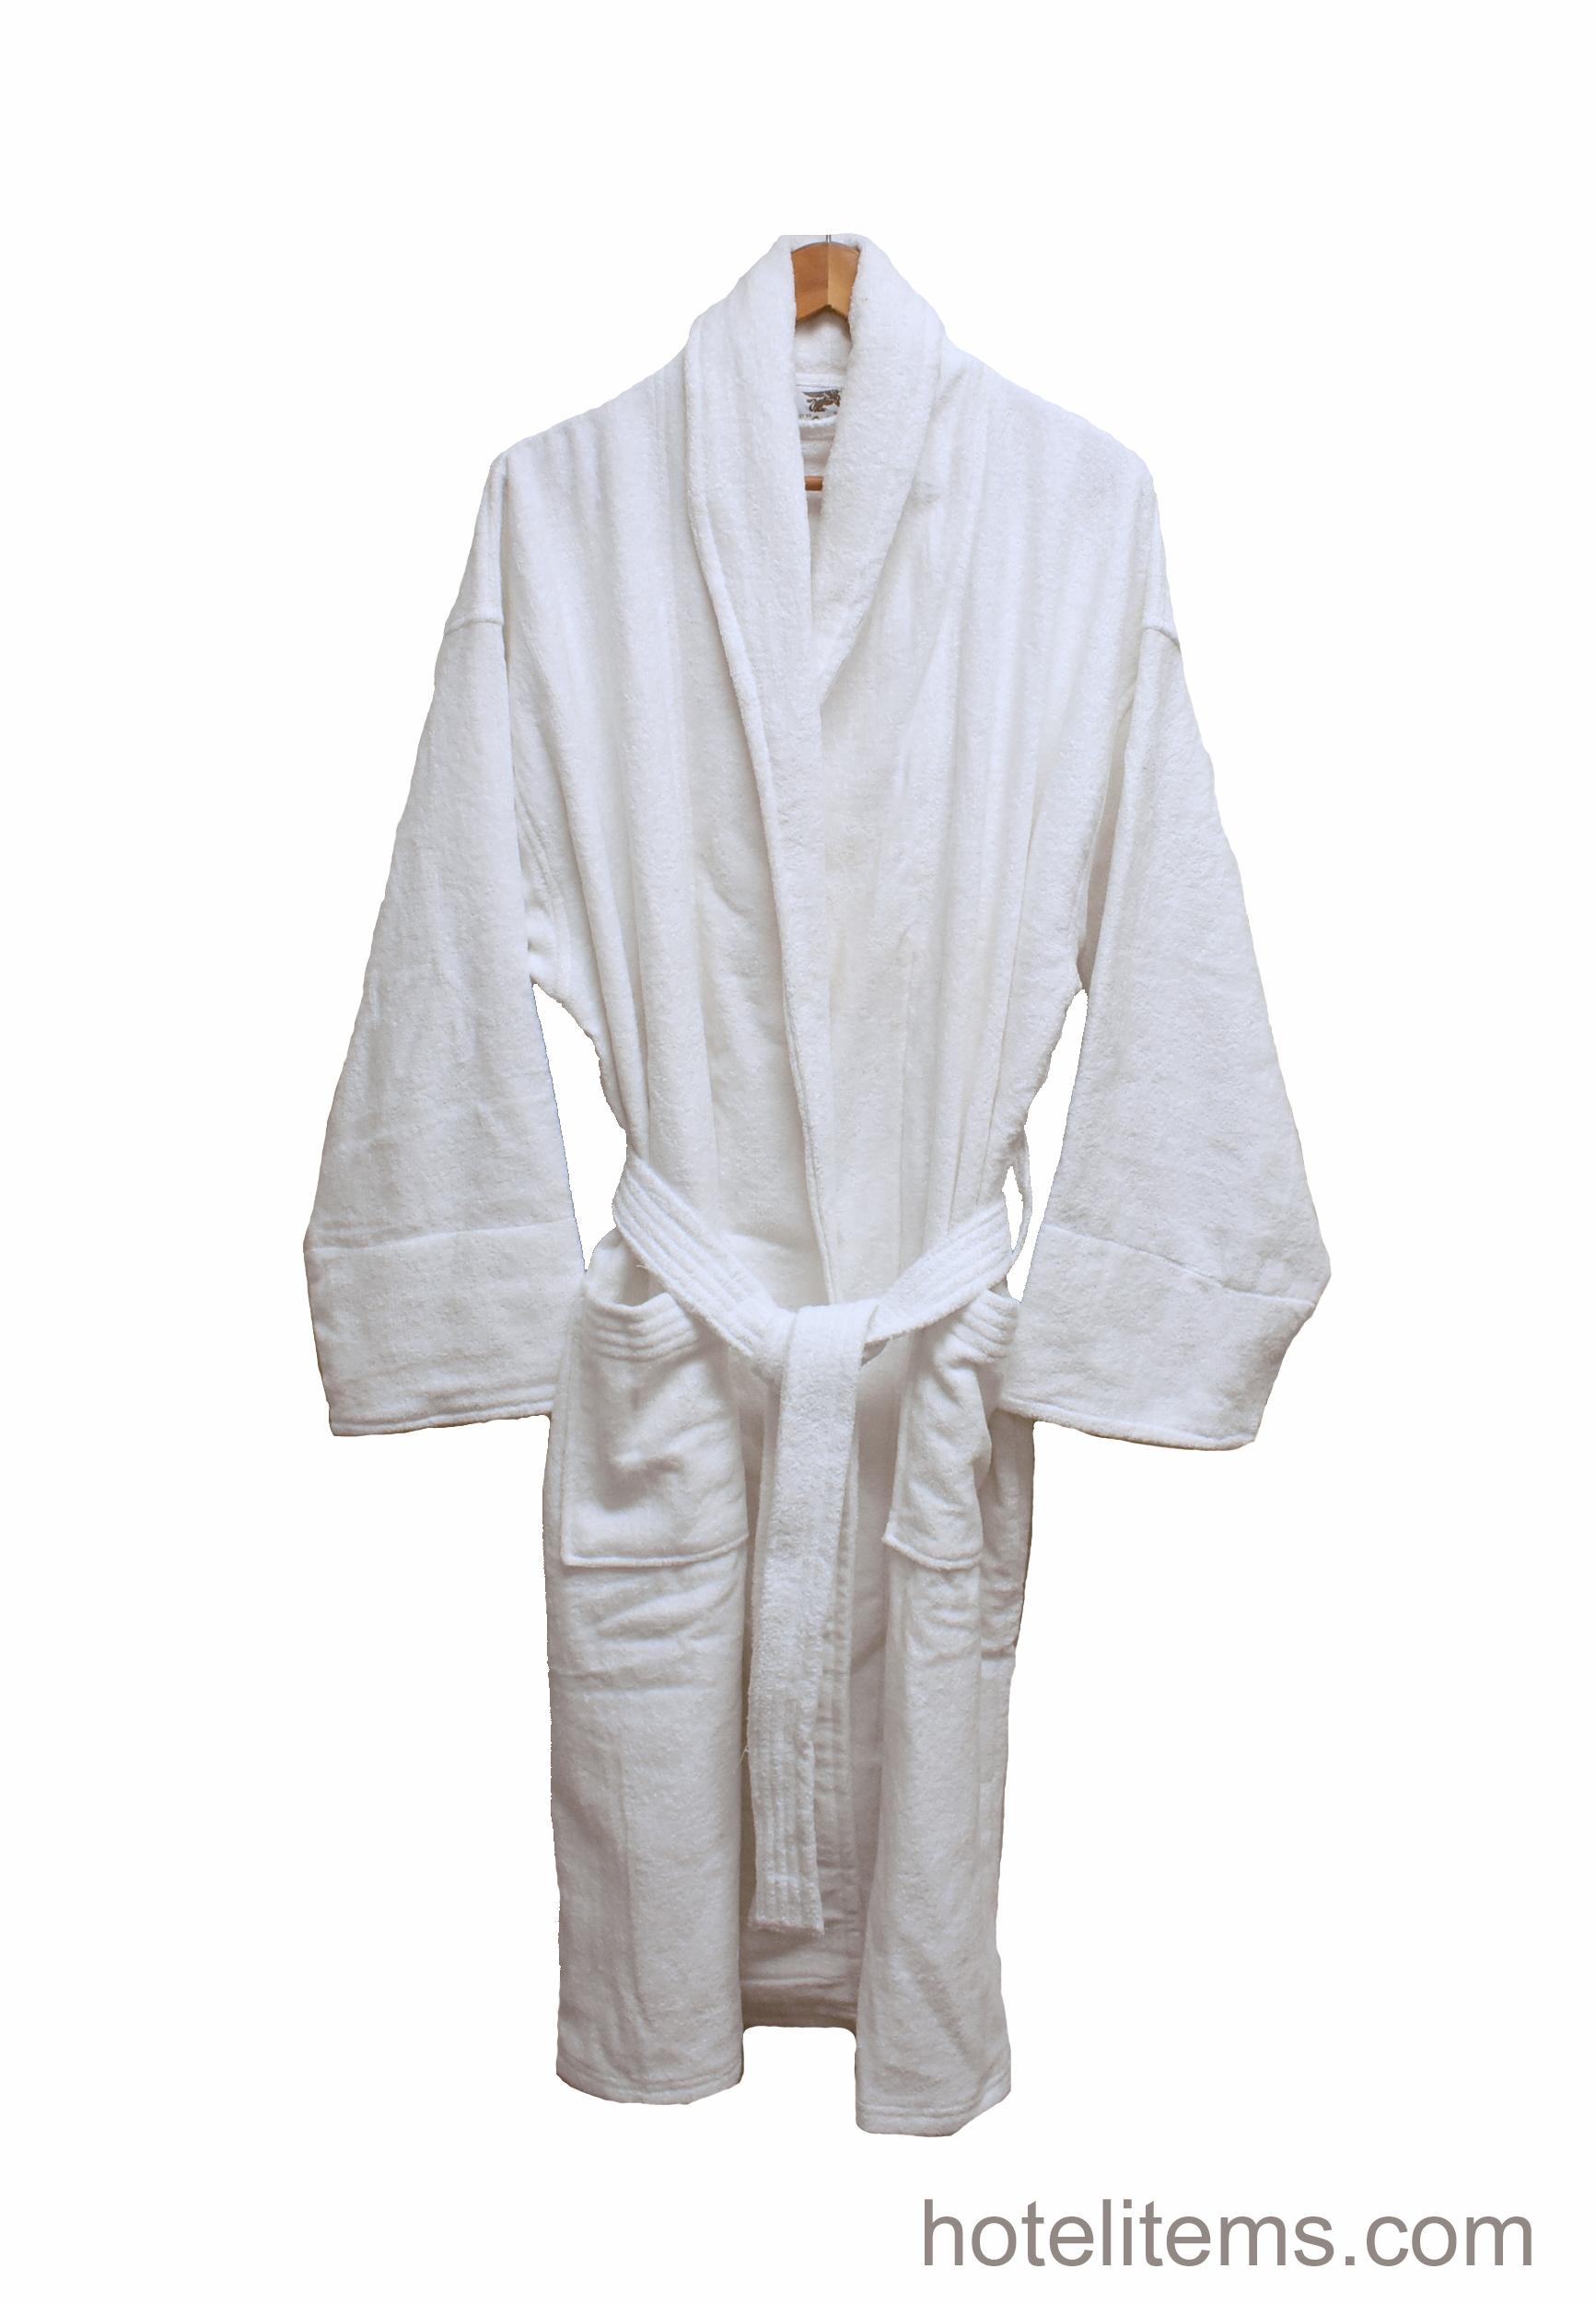 terry cloth hotel bath robe